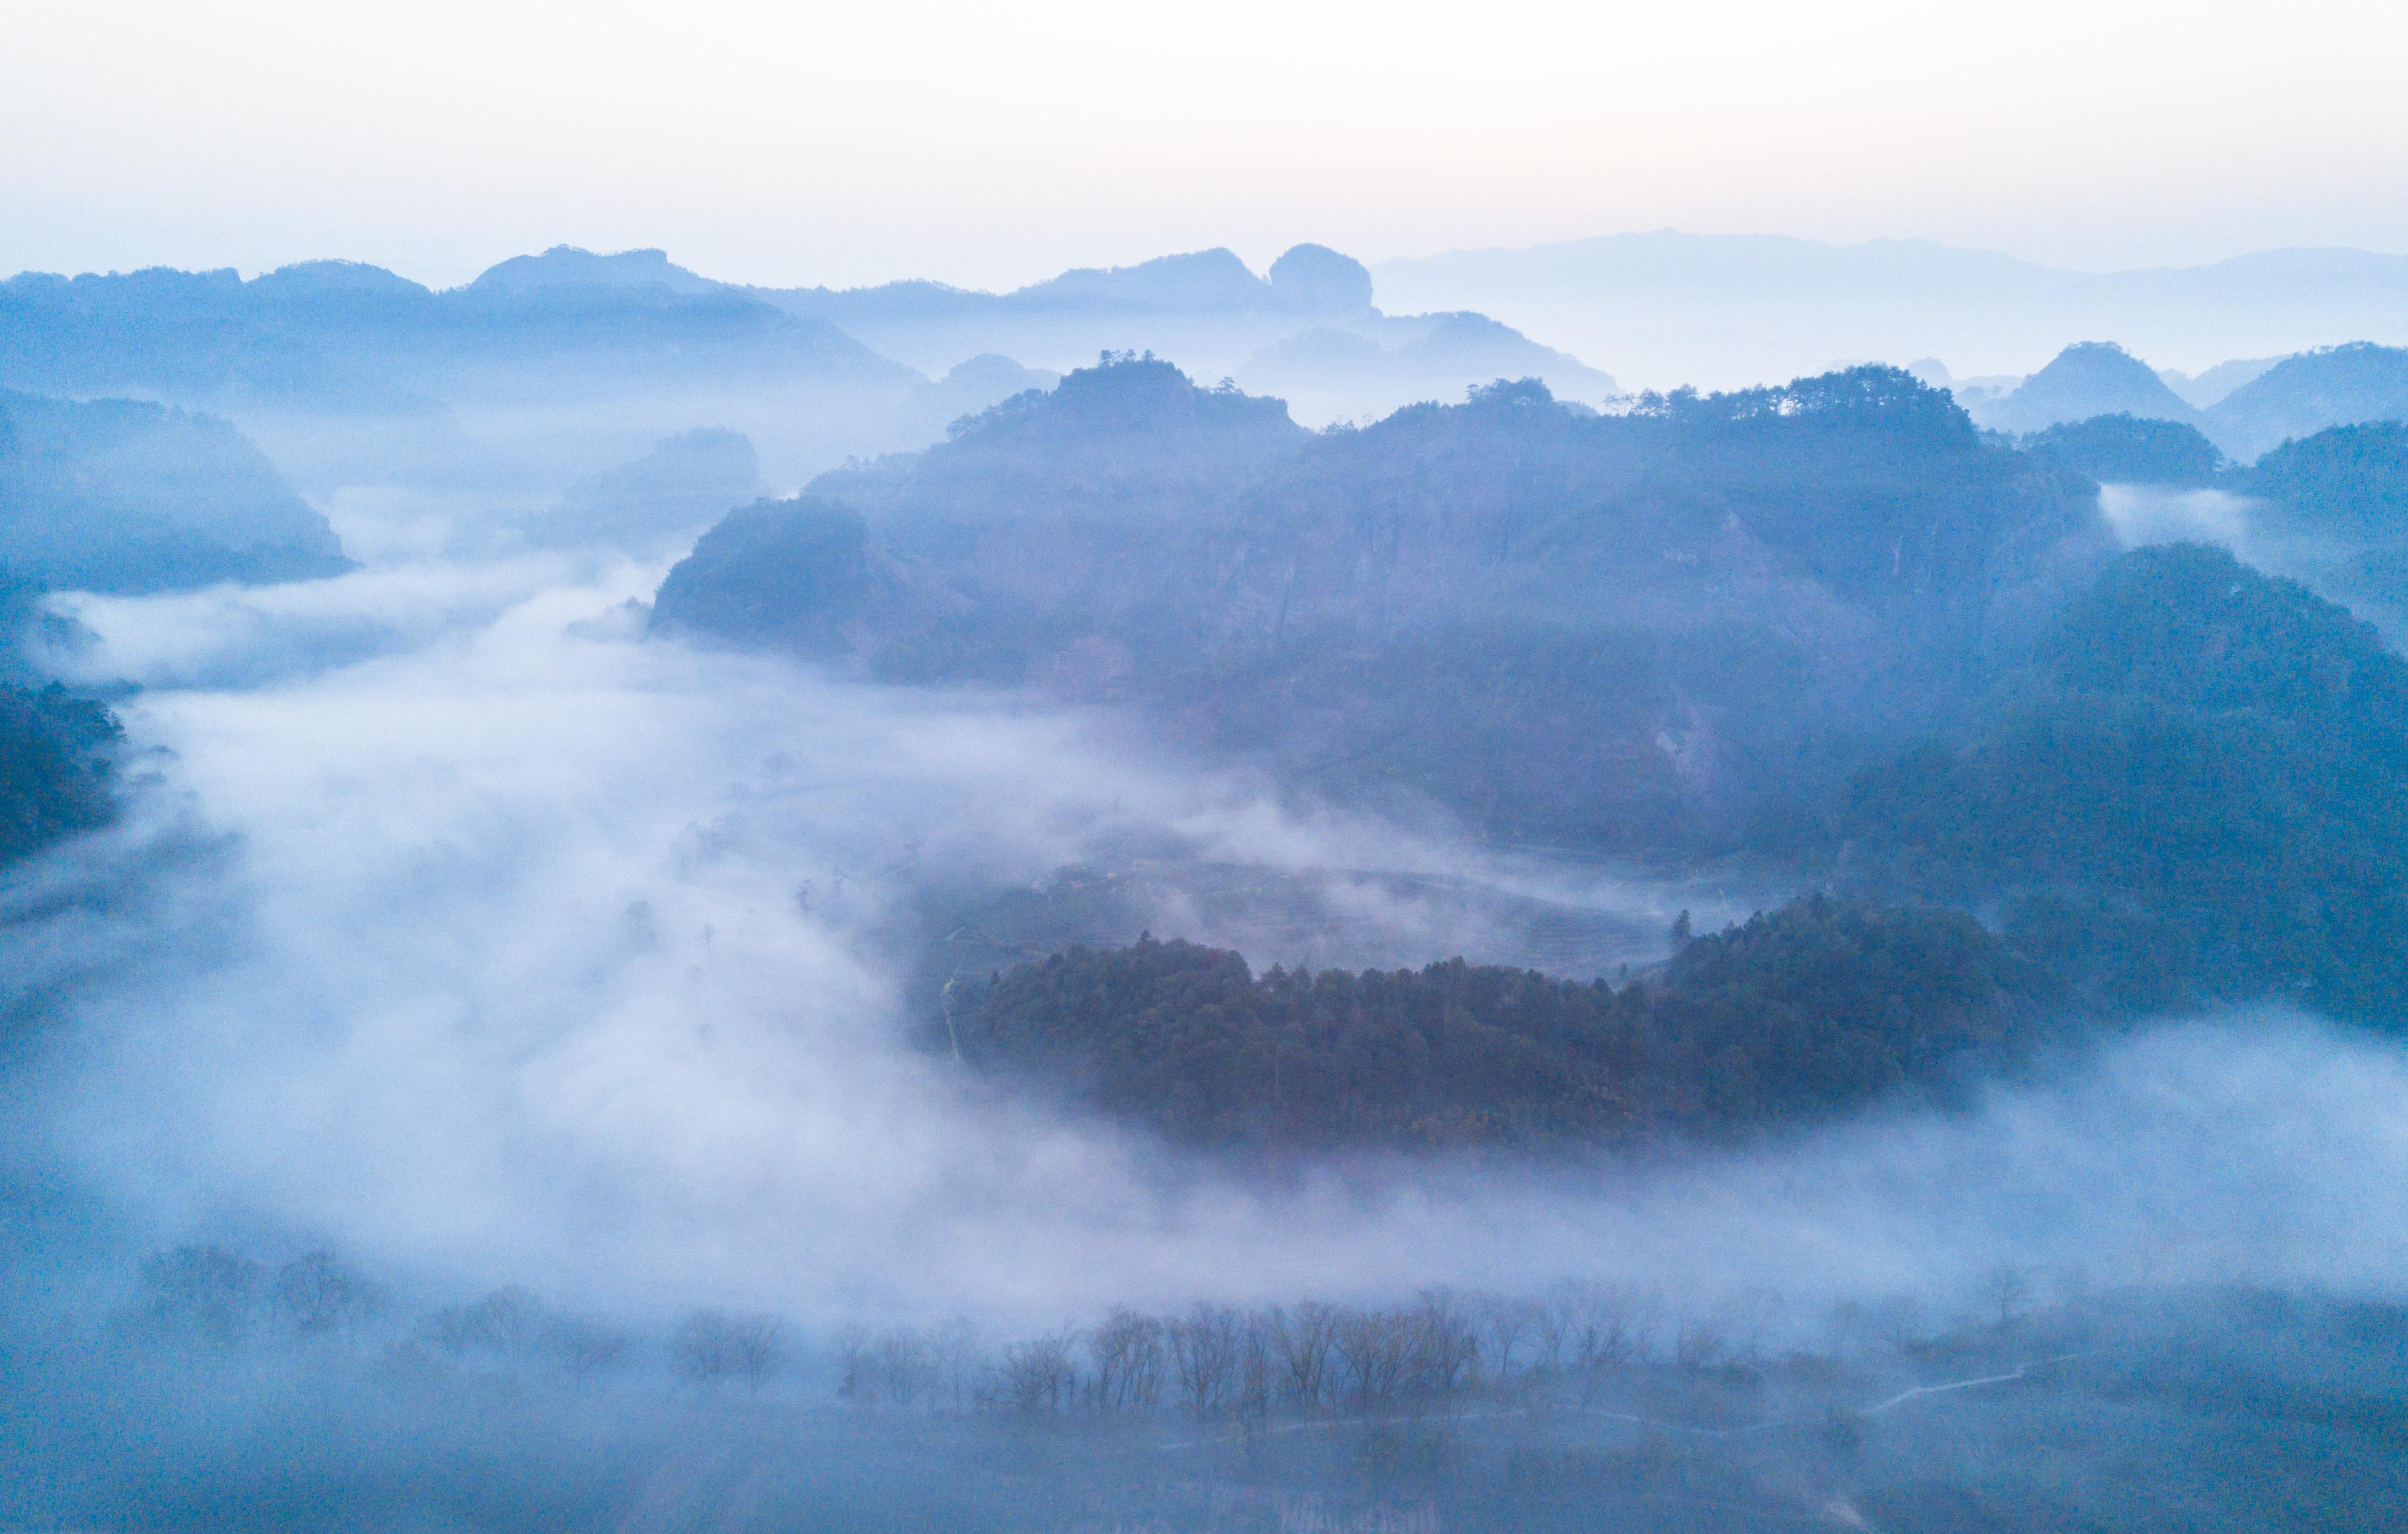 ↑这是福建省武夷山风景名胜区云海景观(3月12日无人机拍摄).